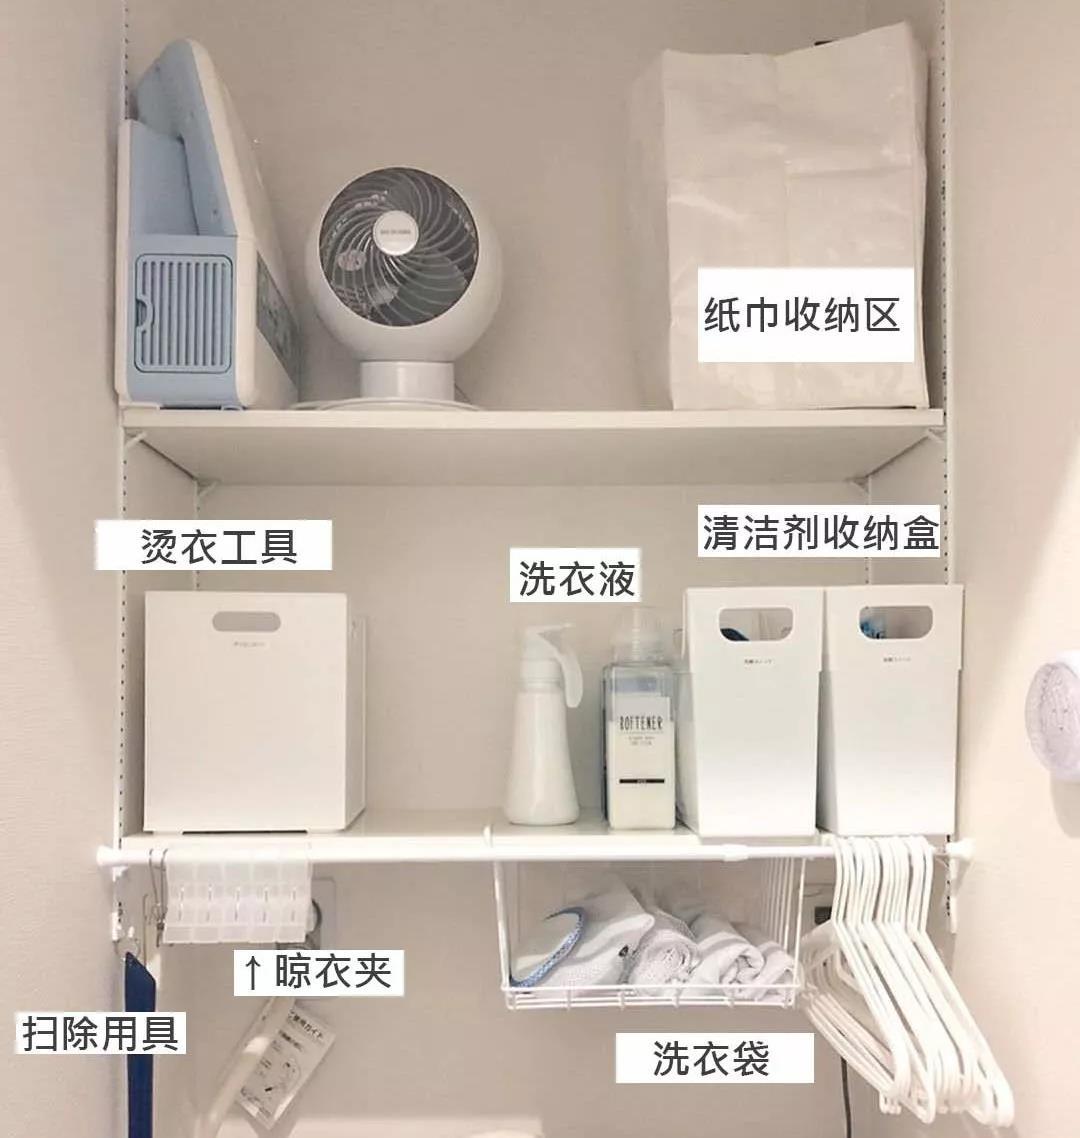 日本主妇不愧收纳狂魔,洗衣机上方巴掌大地,也能再榨出5㎡储物